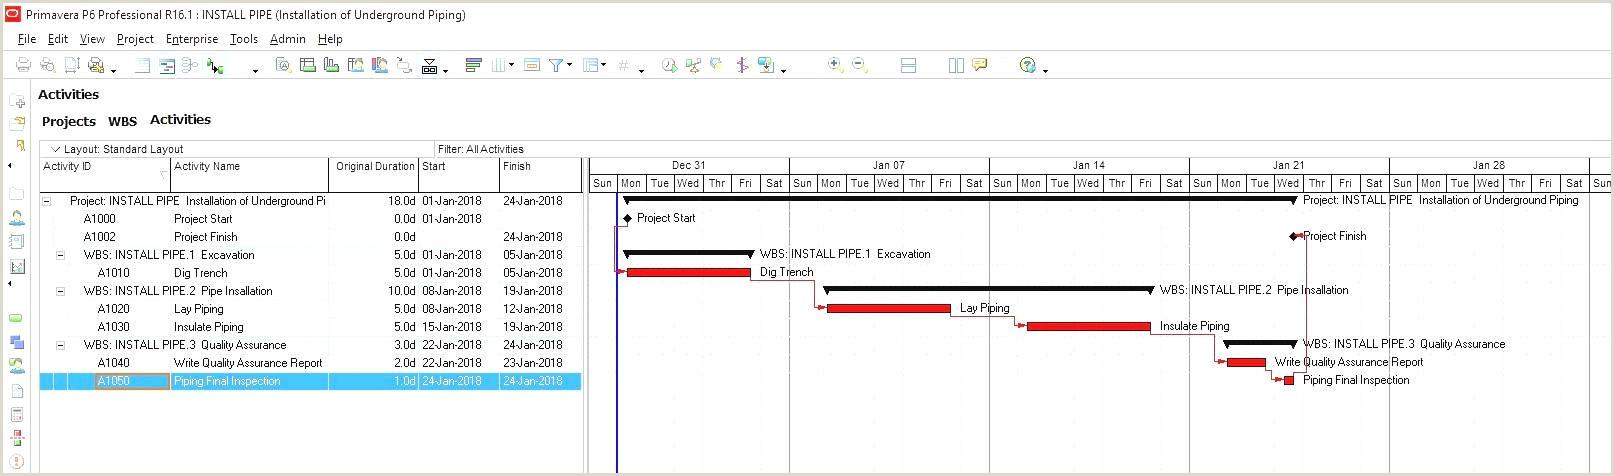 Standard Cv format Microsoft Word Cv original Word Gratuit échantillon ¢Ë†Å¡ Resume formatting